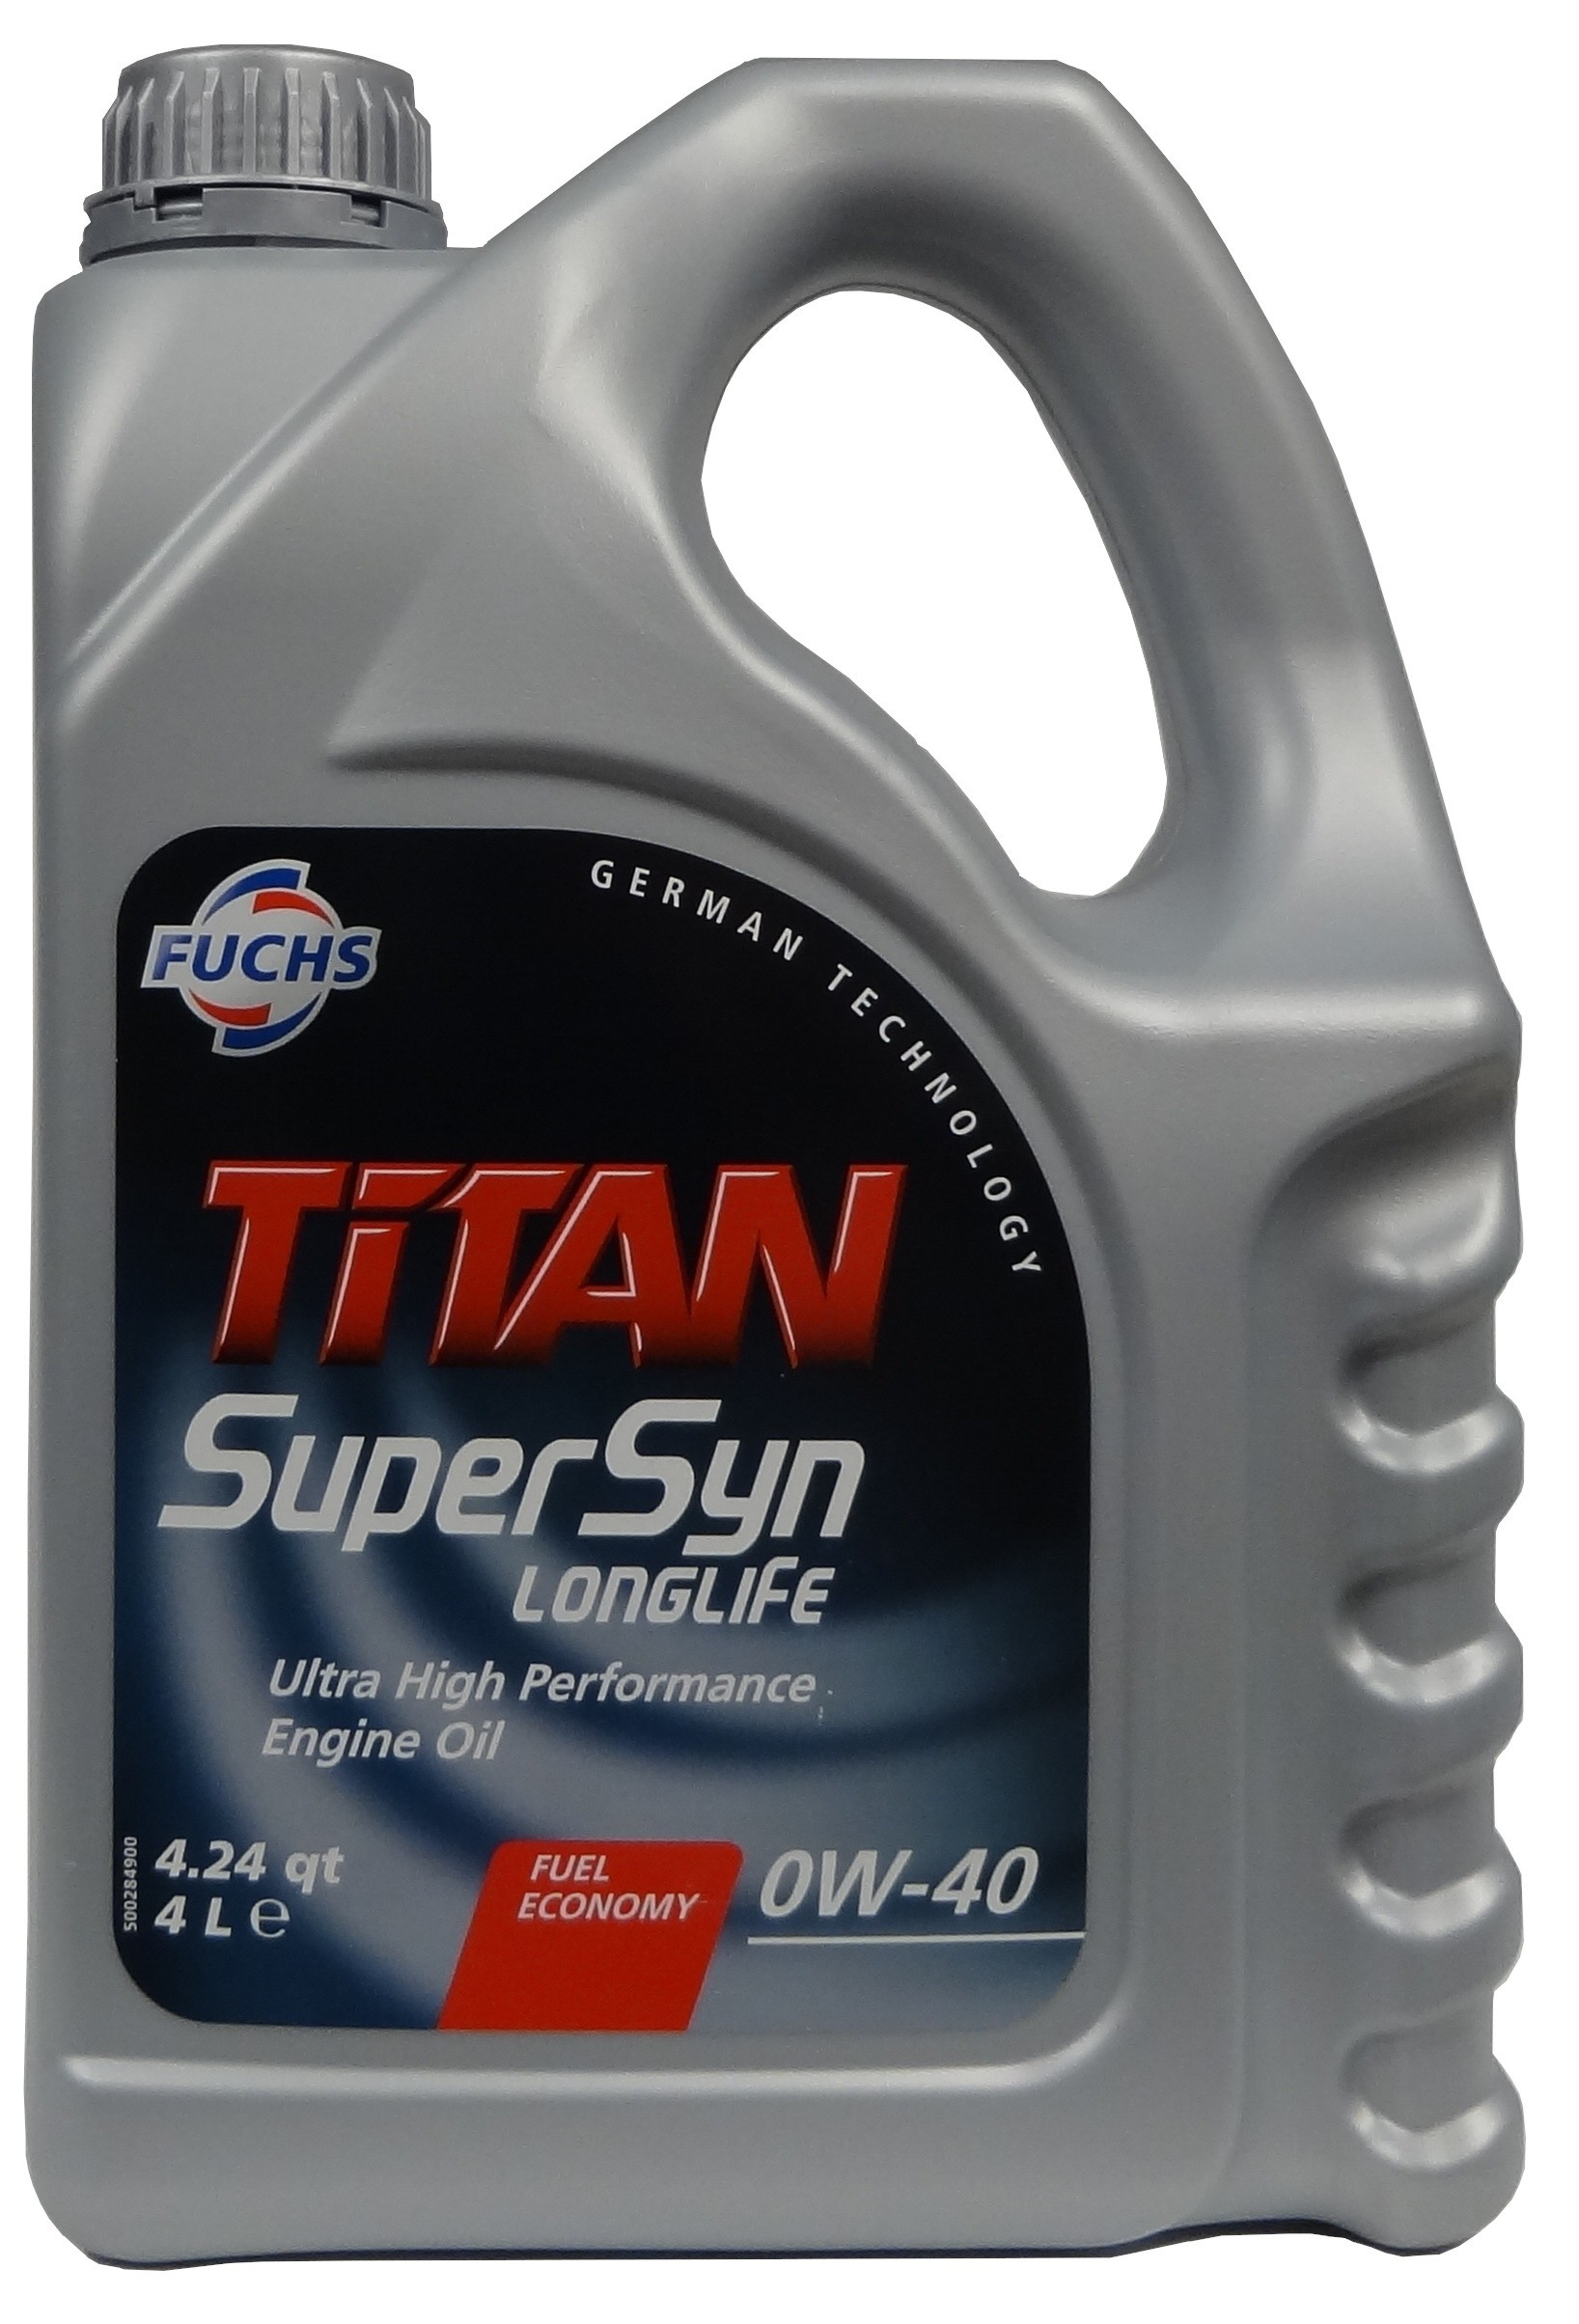 FUCHS TITAN SUPERSYN LONGLIFE 0W-40 4L